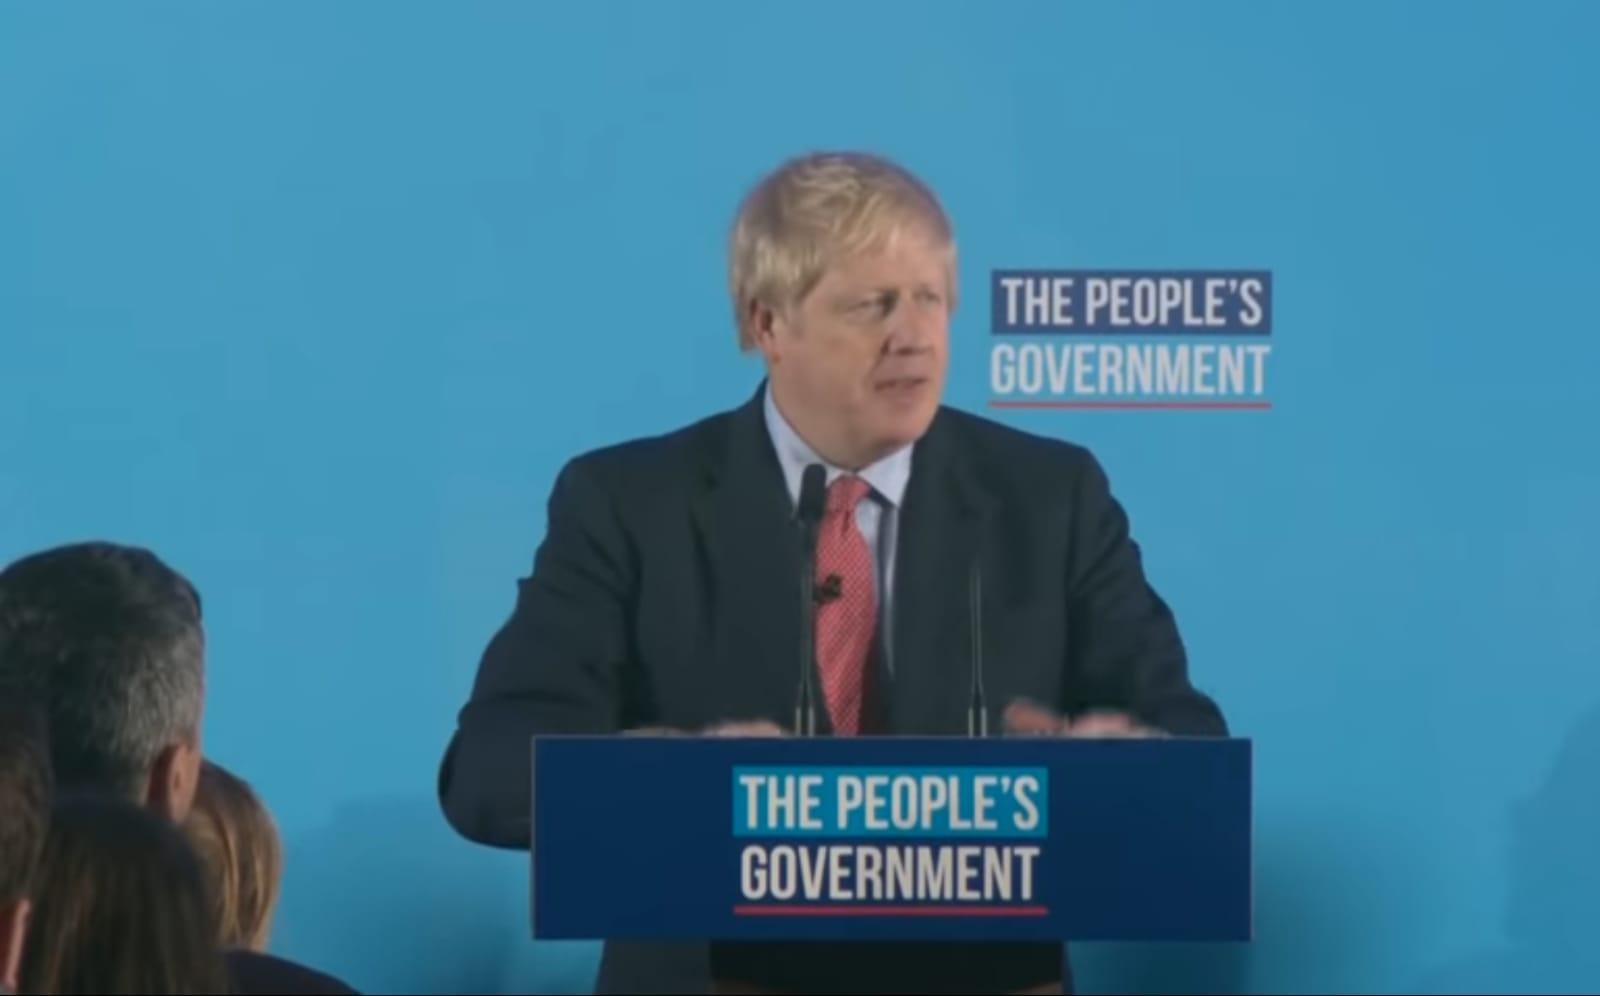 Législatives au Royaume-Uni : victoire écrasante de boris Jhonson